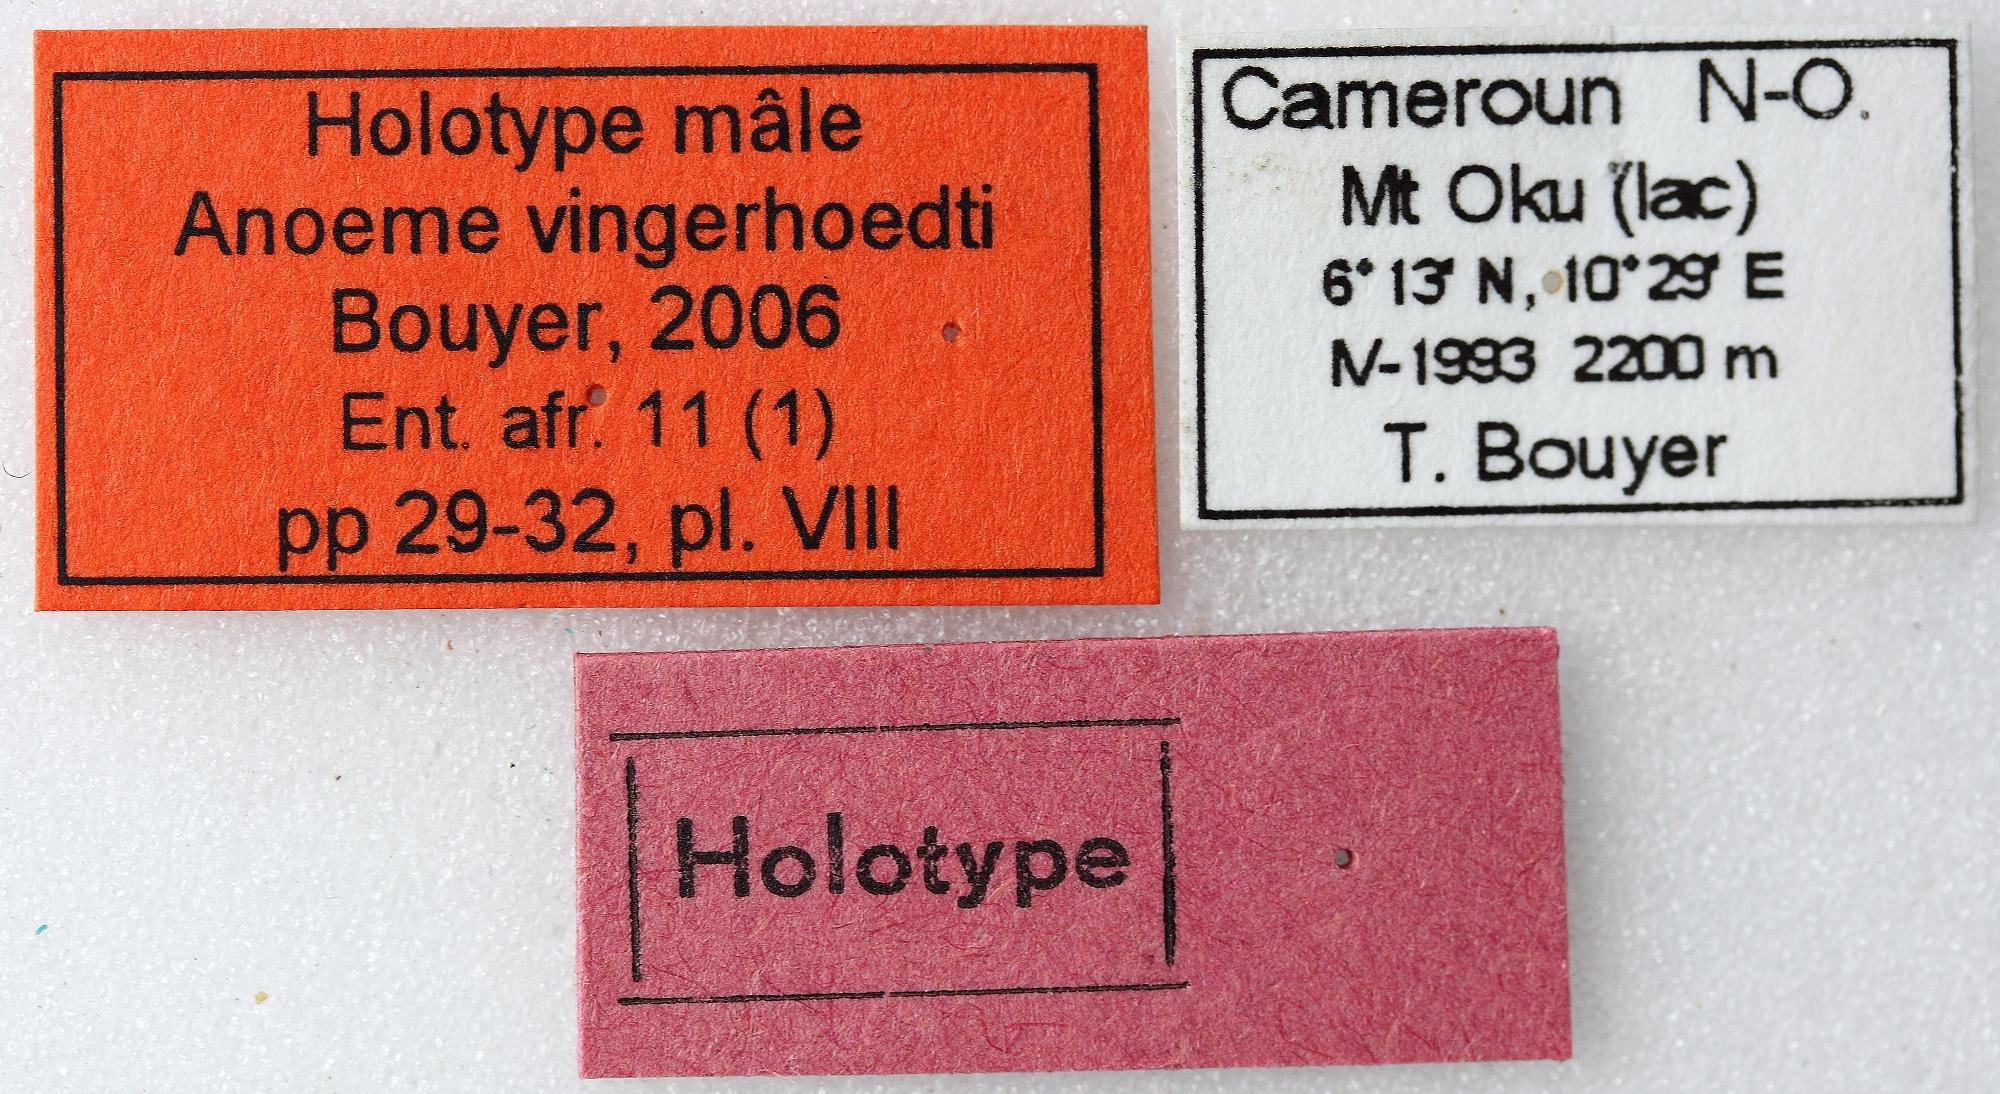 Anoeme vingerhoedti 01 00 Holotype M 024 BRUS 201405.jpg